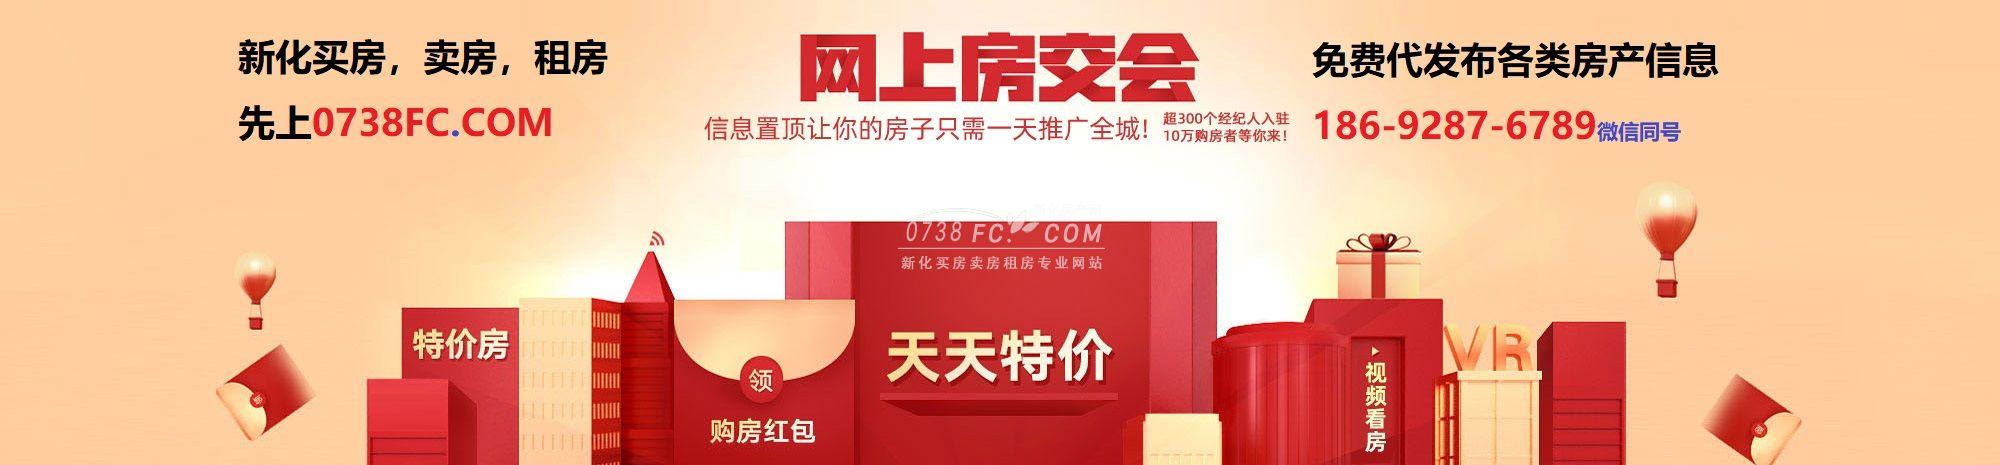 新化房产网最新版上线:个人企业免费发布房产交易信息